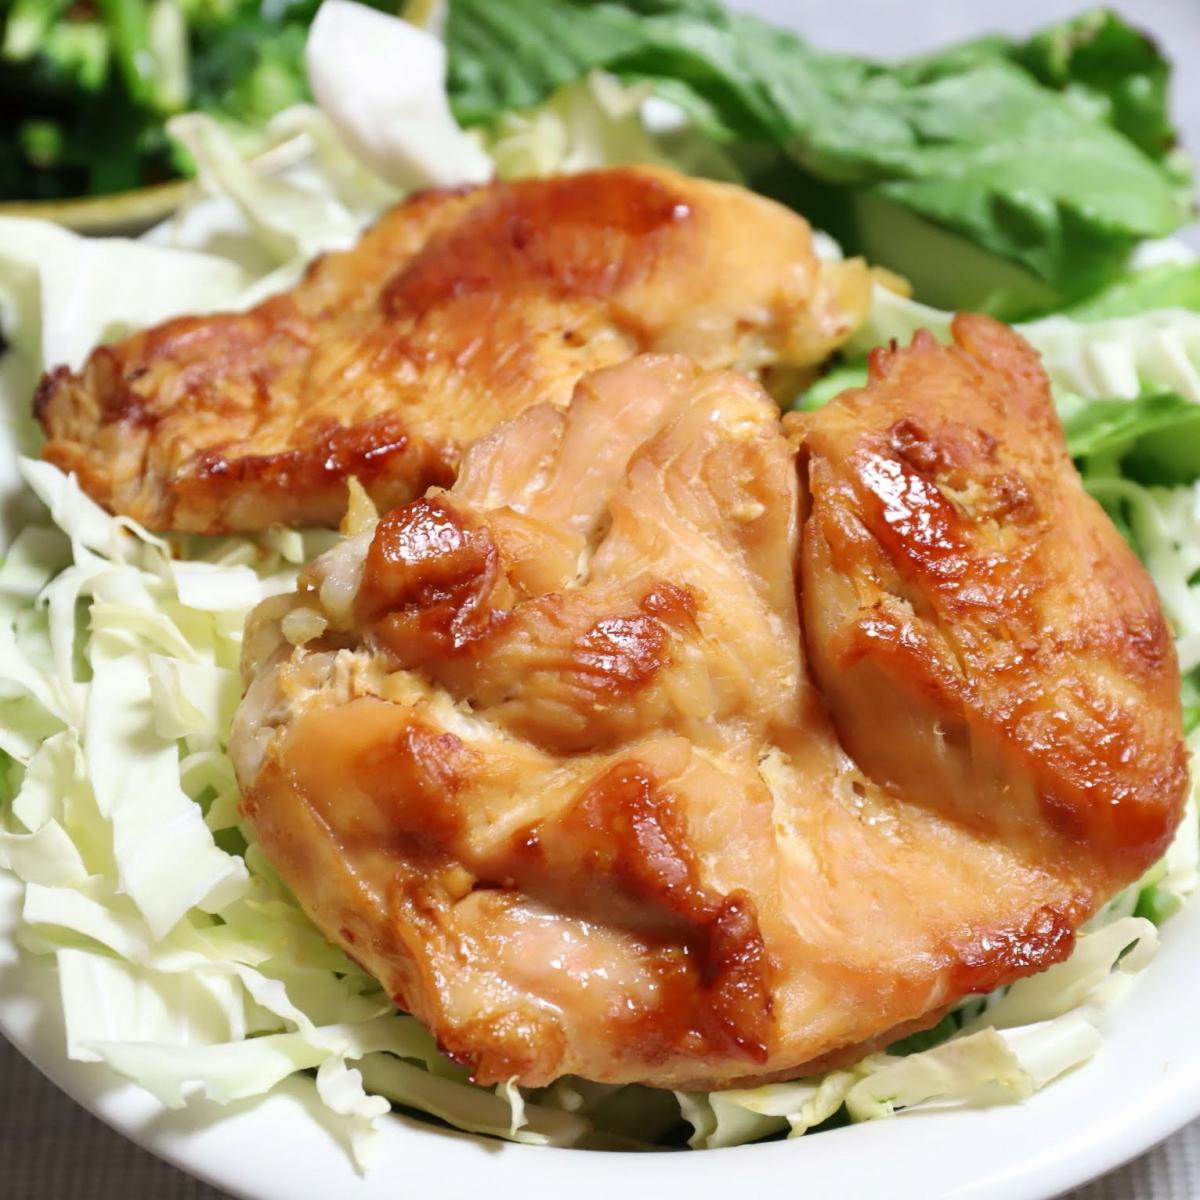 祖母(おばあ)が作った、焼いた鶏肉(チキンソテー)